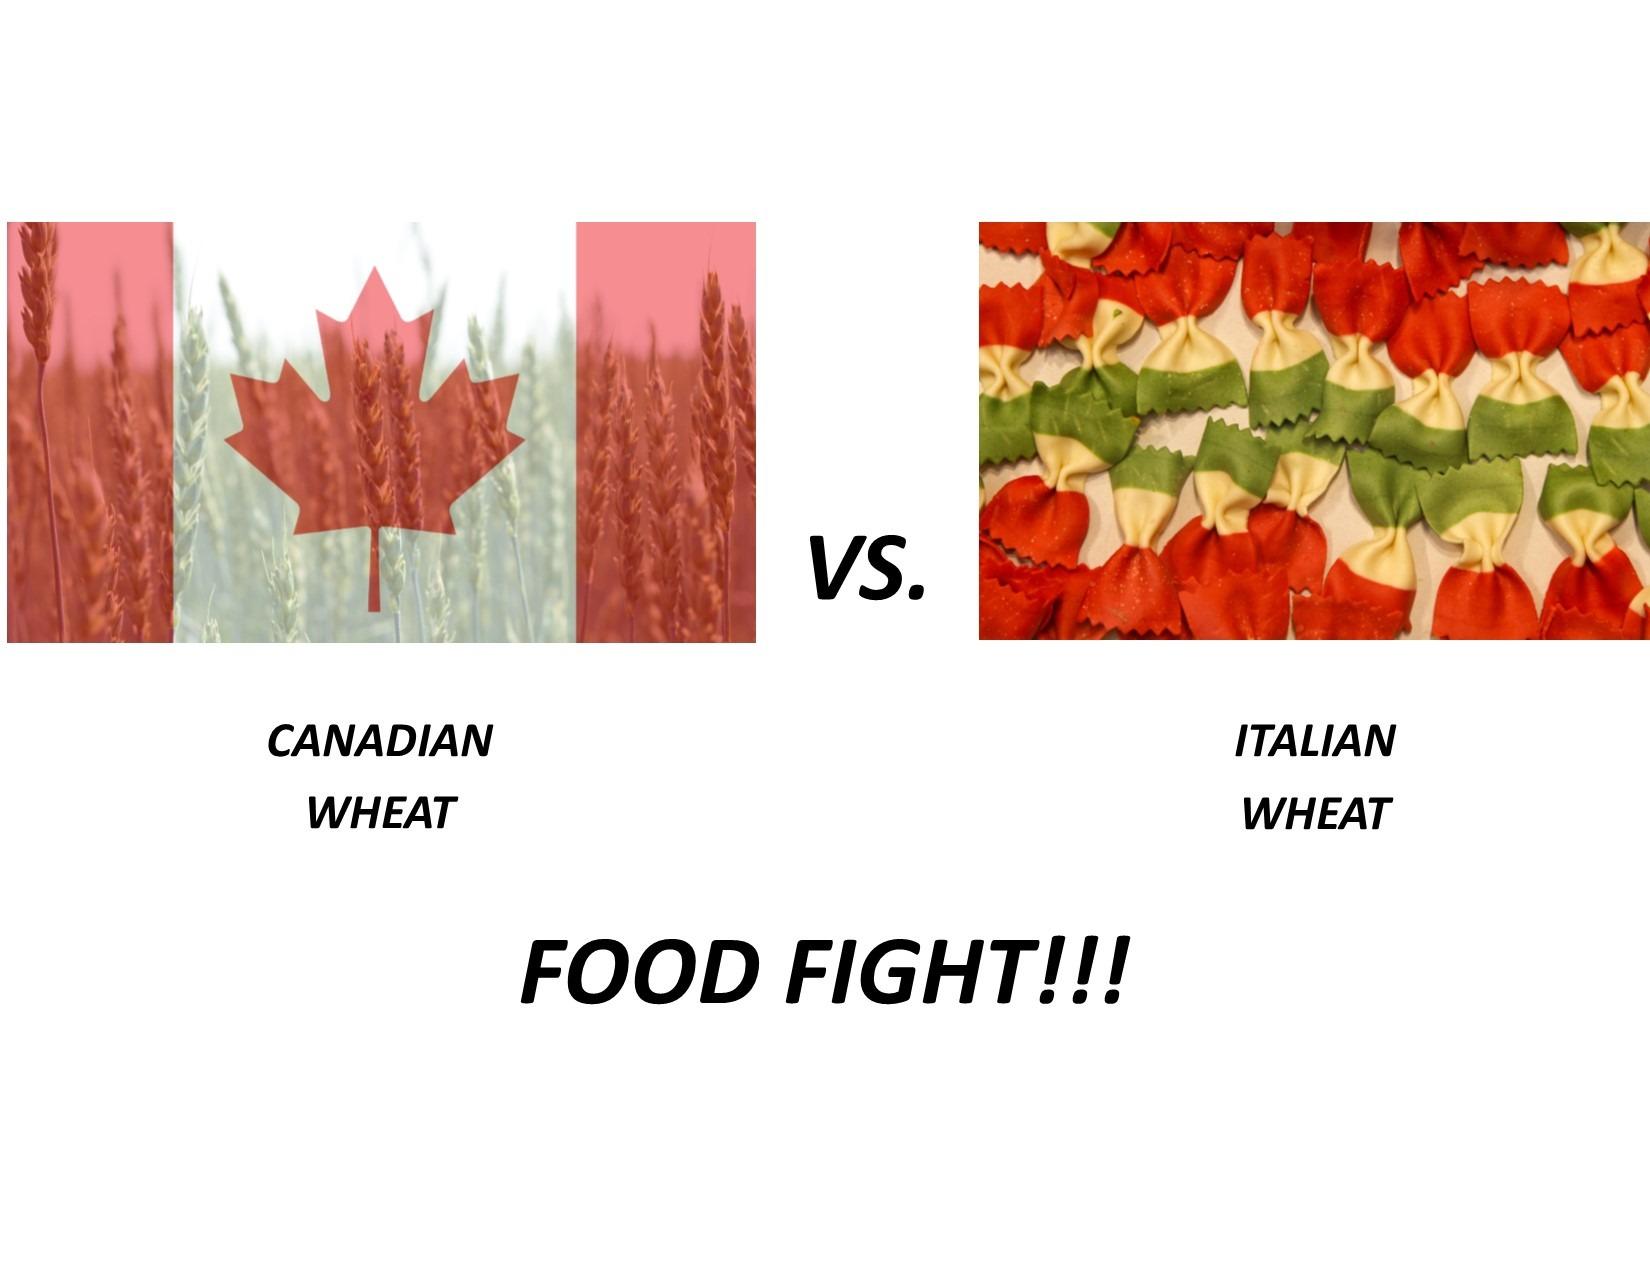 Canadian Wheat v Italian Wheat